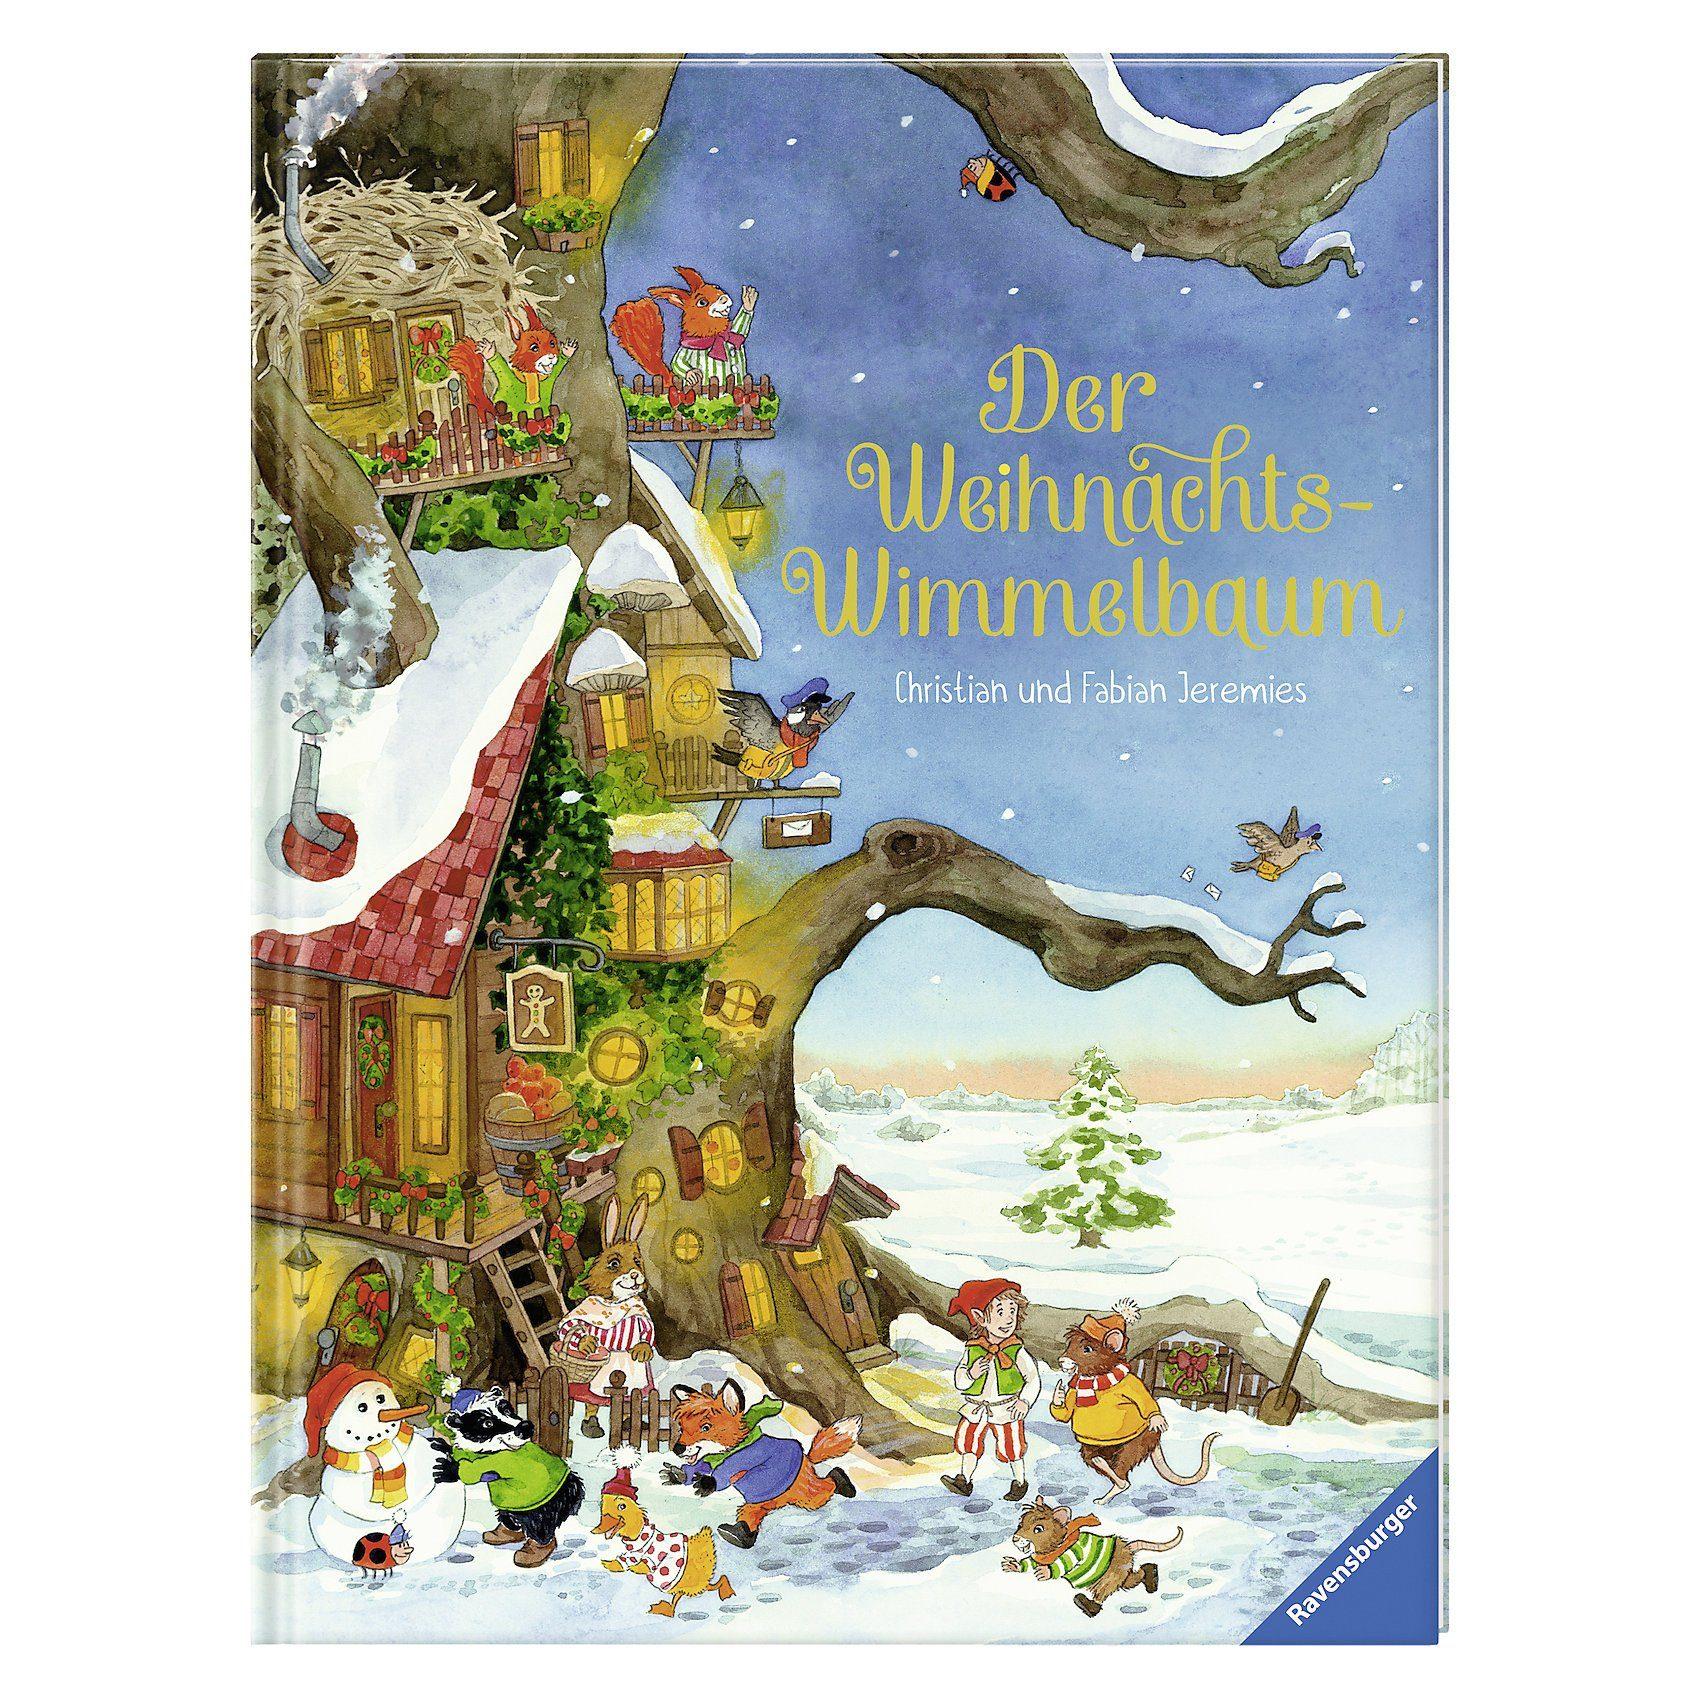 Ravensburger Der Weihnachts-Wimmelbaum